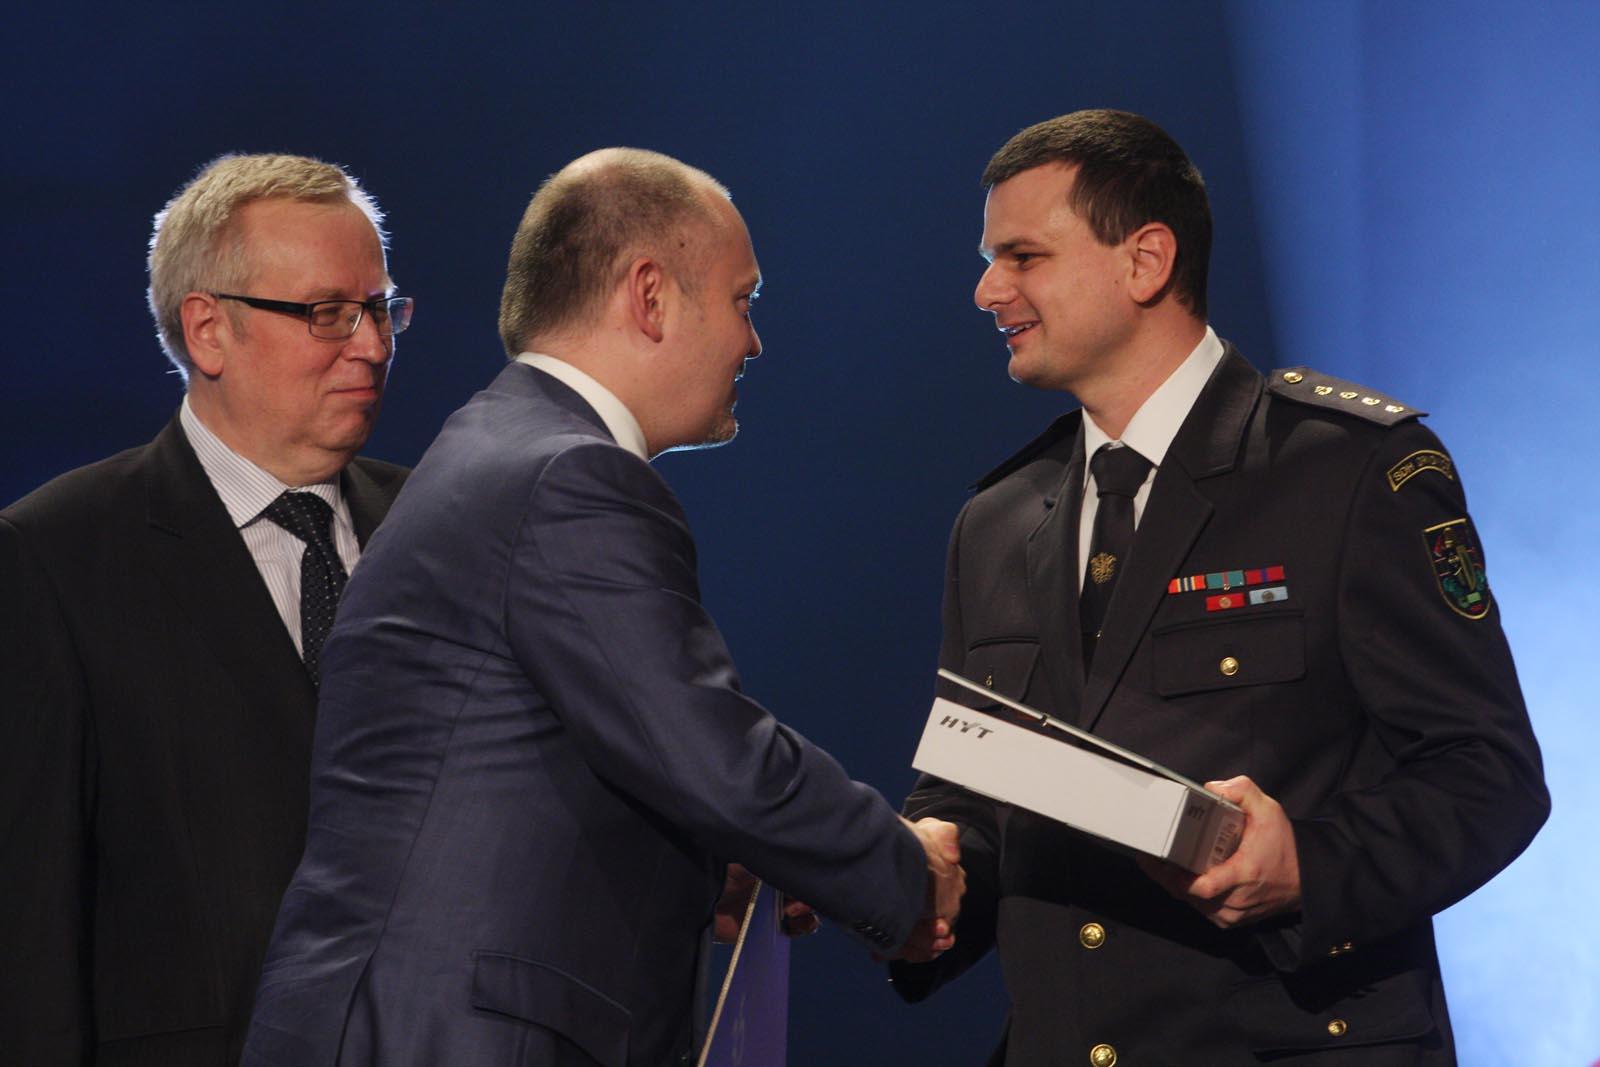 2. místo SDH Drnovice - vyhlášení výsledků ankety Dobrovolní hasiči roku 2014